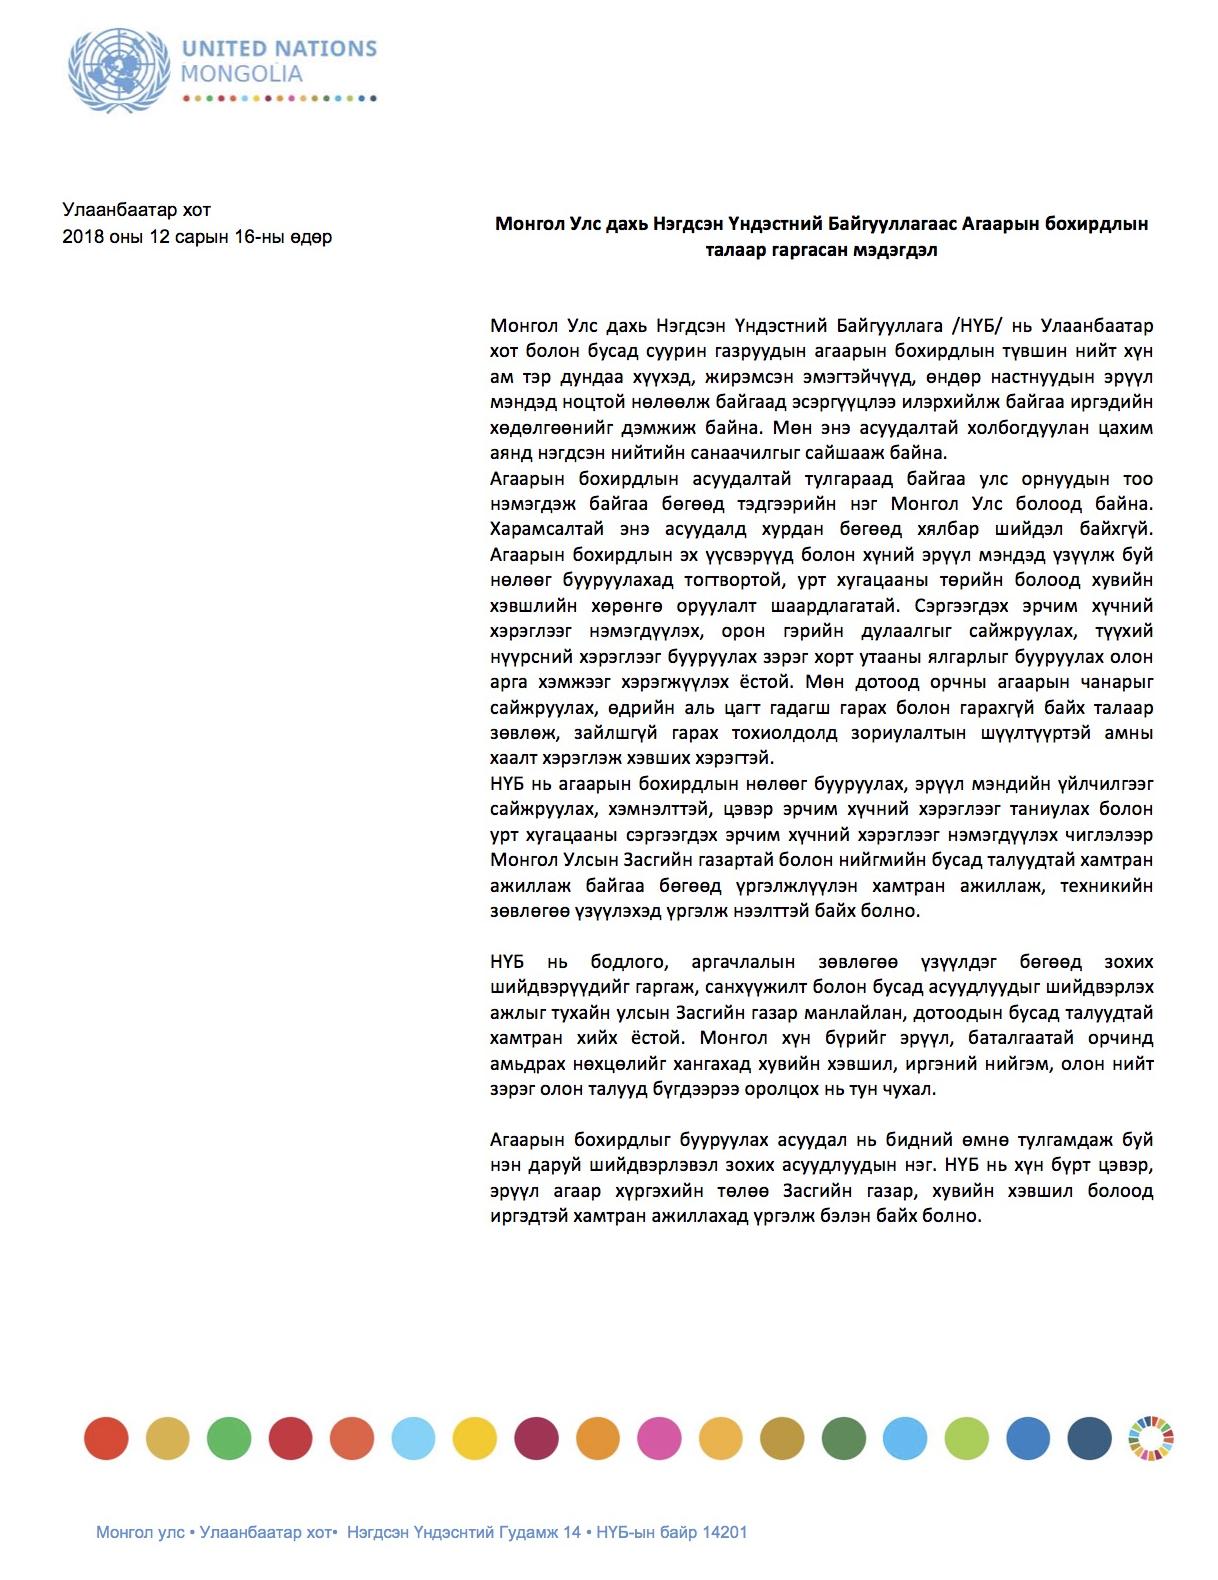 1_UN-Mongolia-statement-on-Air-pollution-MON. Агаарын бохирдолтой холбогдуулан иргэдийн гаргасан хүсэлтэд НҮБ хариу мэдэгдэл гаргав